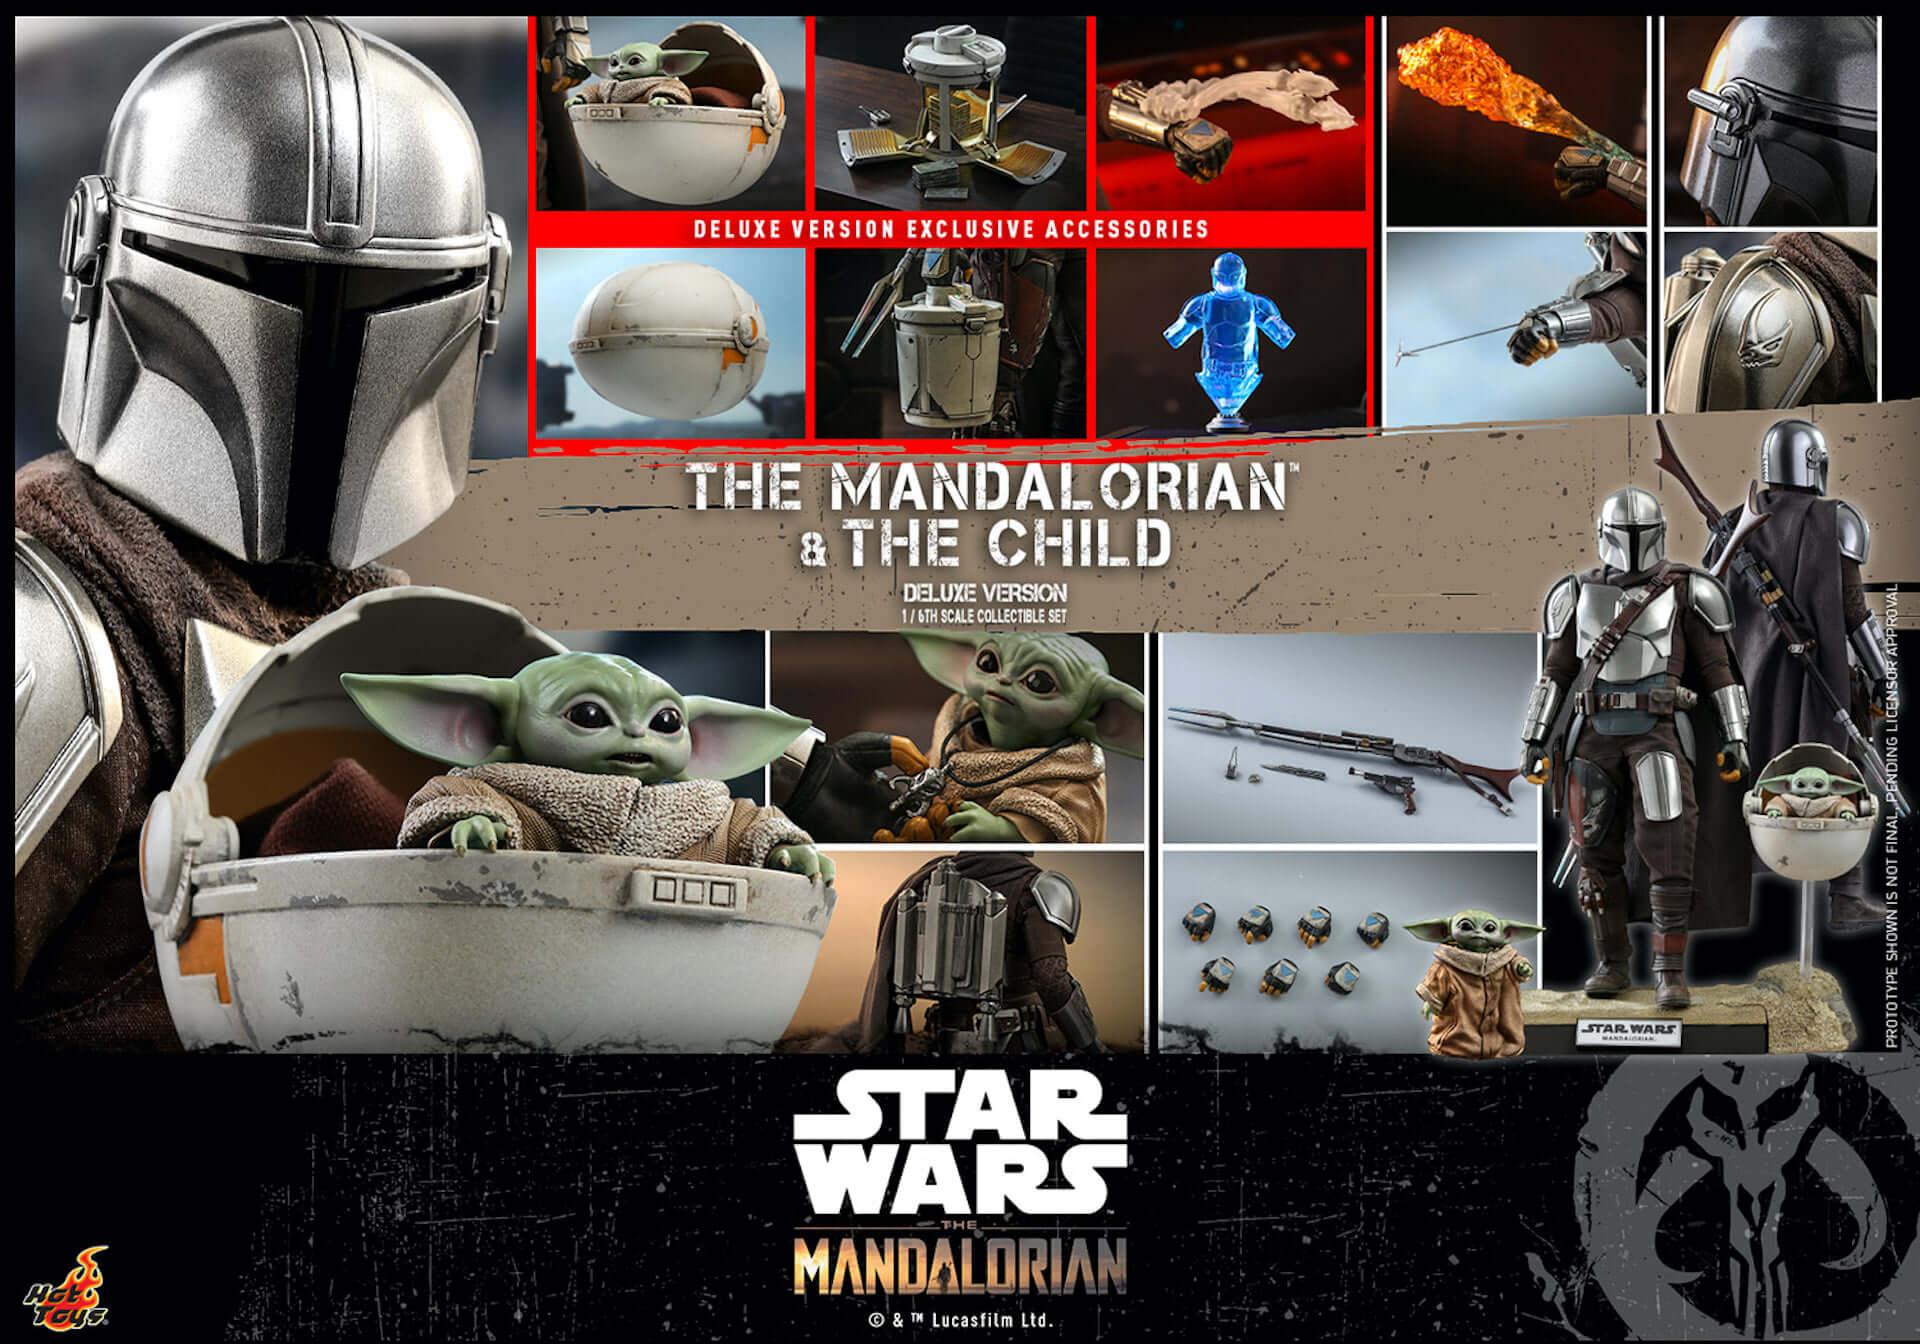 ついにマンダロリアンとザ・チャイルドがセットで登場!ホットトイズ「テレビ・マスターピース」シリーズに『マンダロリアン』新作が発表 art200331_hottoys_mandalorian_8-1920x1344